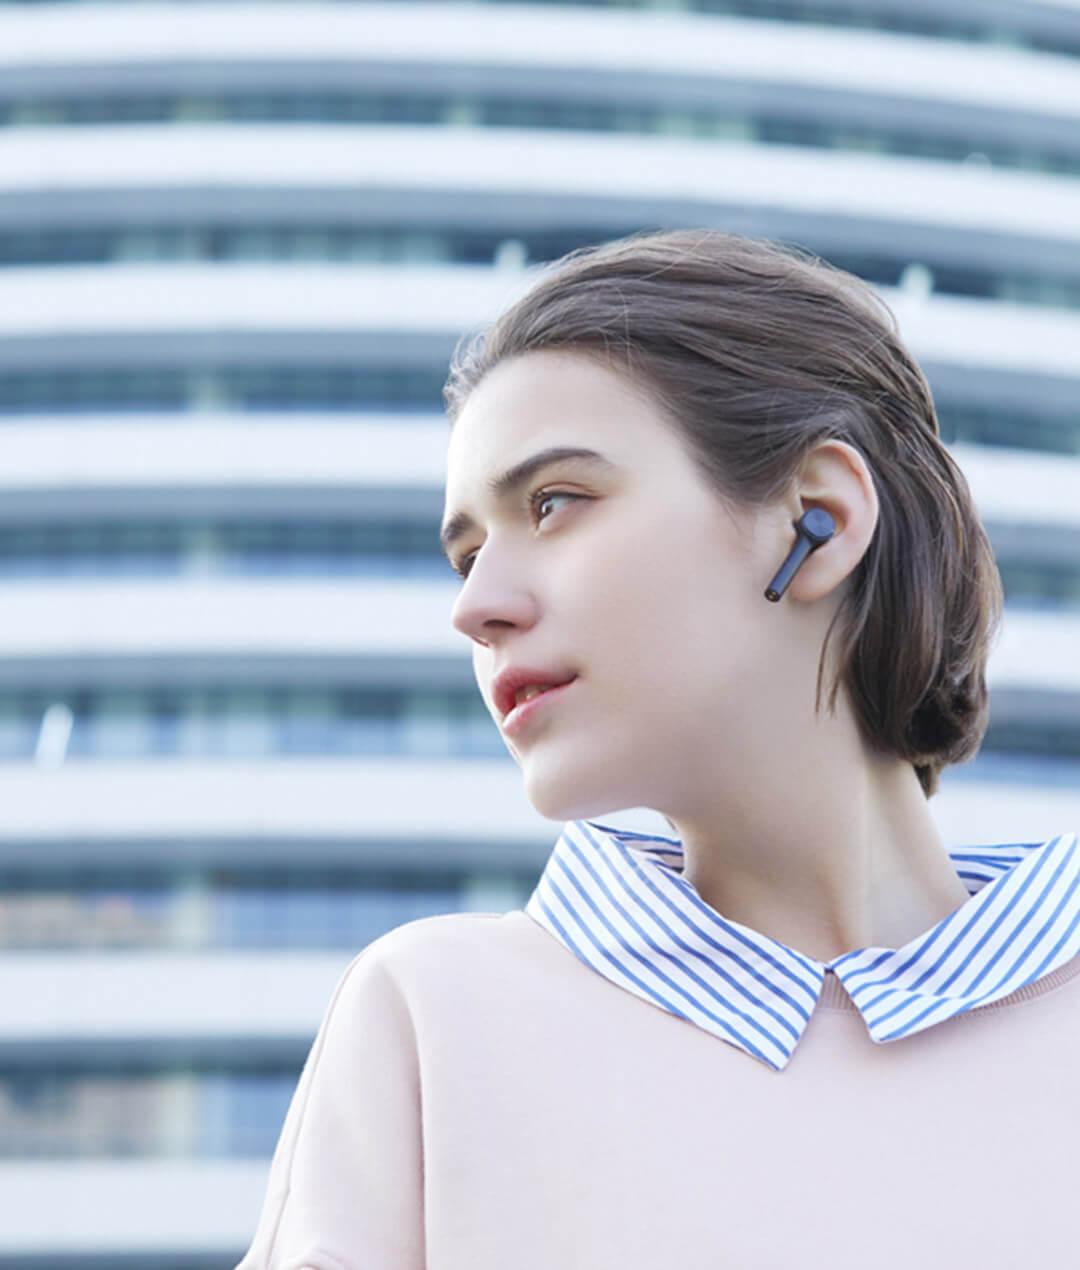 tai nghe airdots pro true wireless xiaomi air 605065e54449d